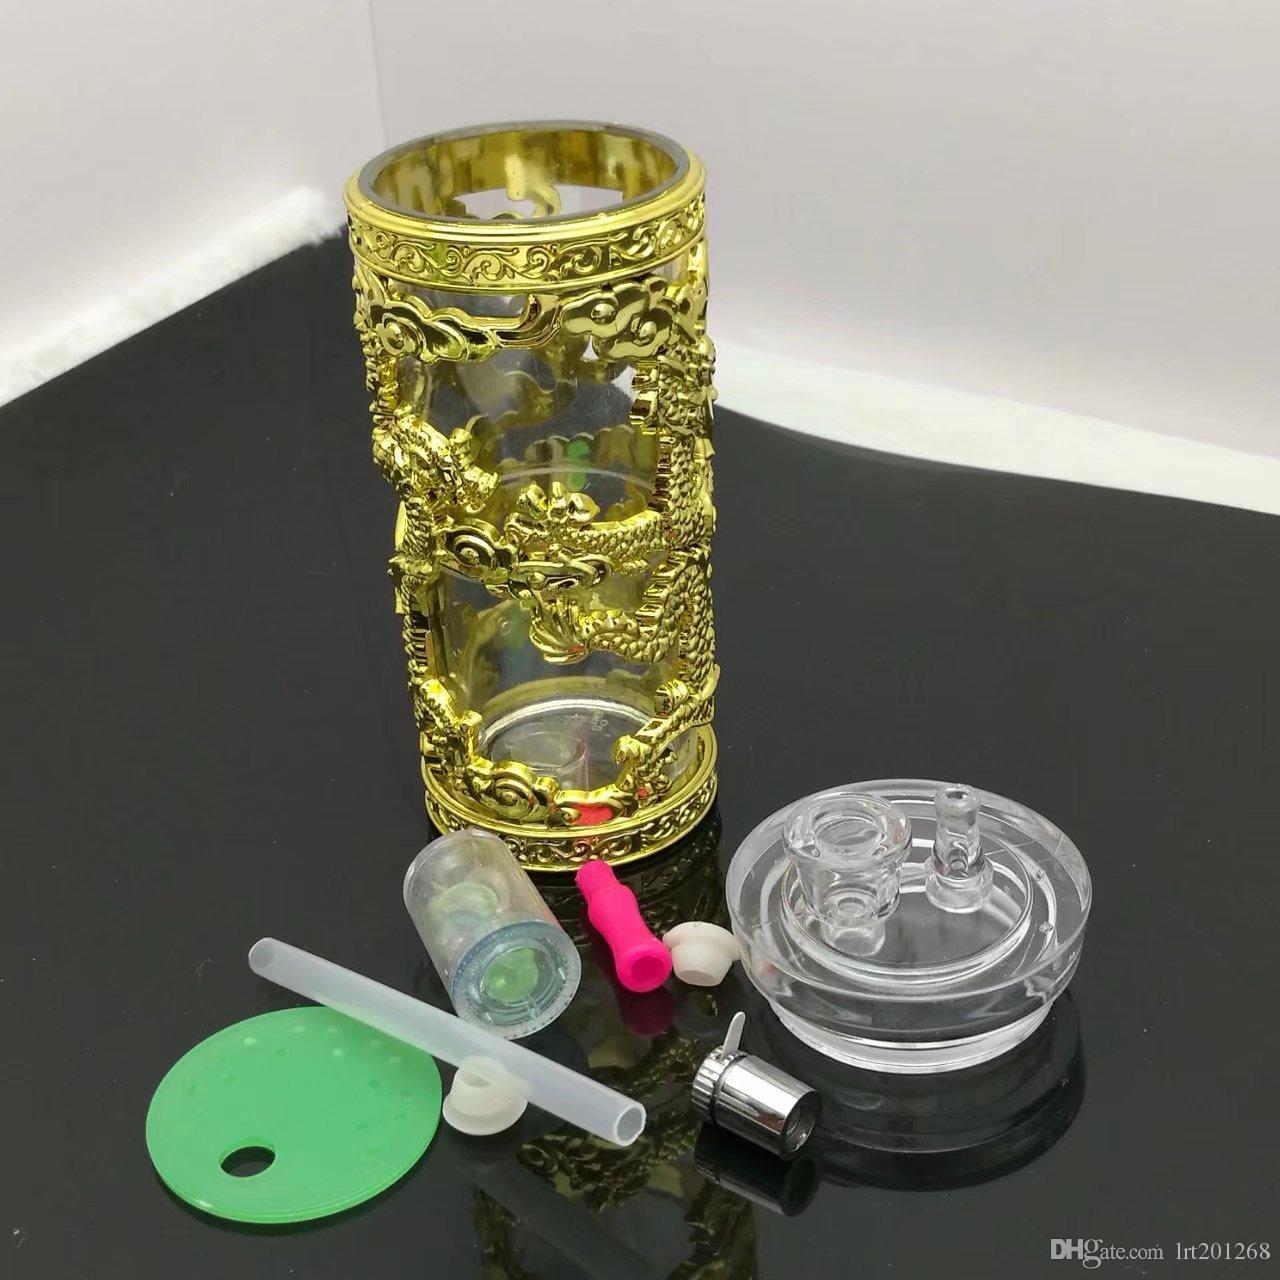 용의 물 담뱃대 아크릴 도매 기억 만 석유 버너 유리 파이프 물 파이프 유리 파이프 석유 굴착 무료 배송 흡연